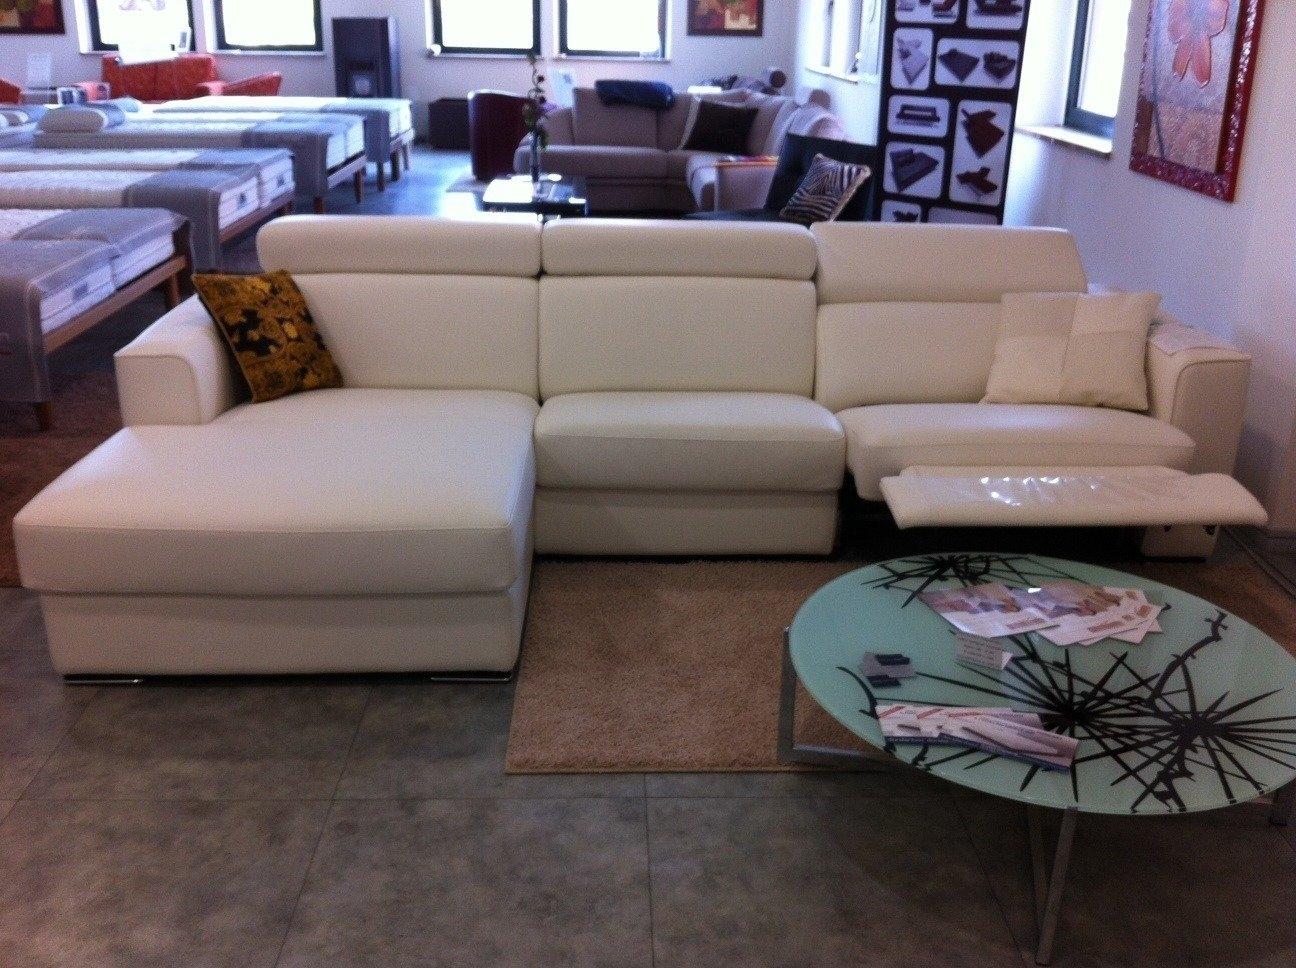 Offerta divano in pelle relax 3291 divani a prezzi scontati - Divani angolari in offerta ...